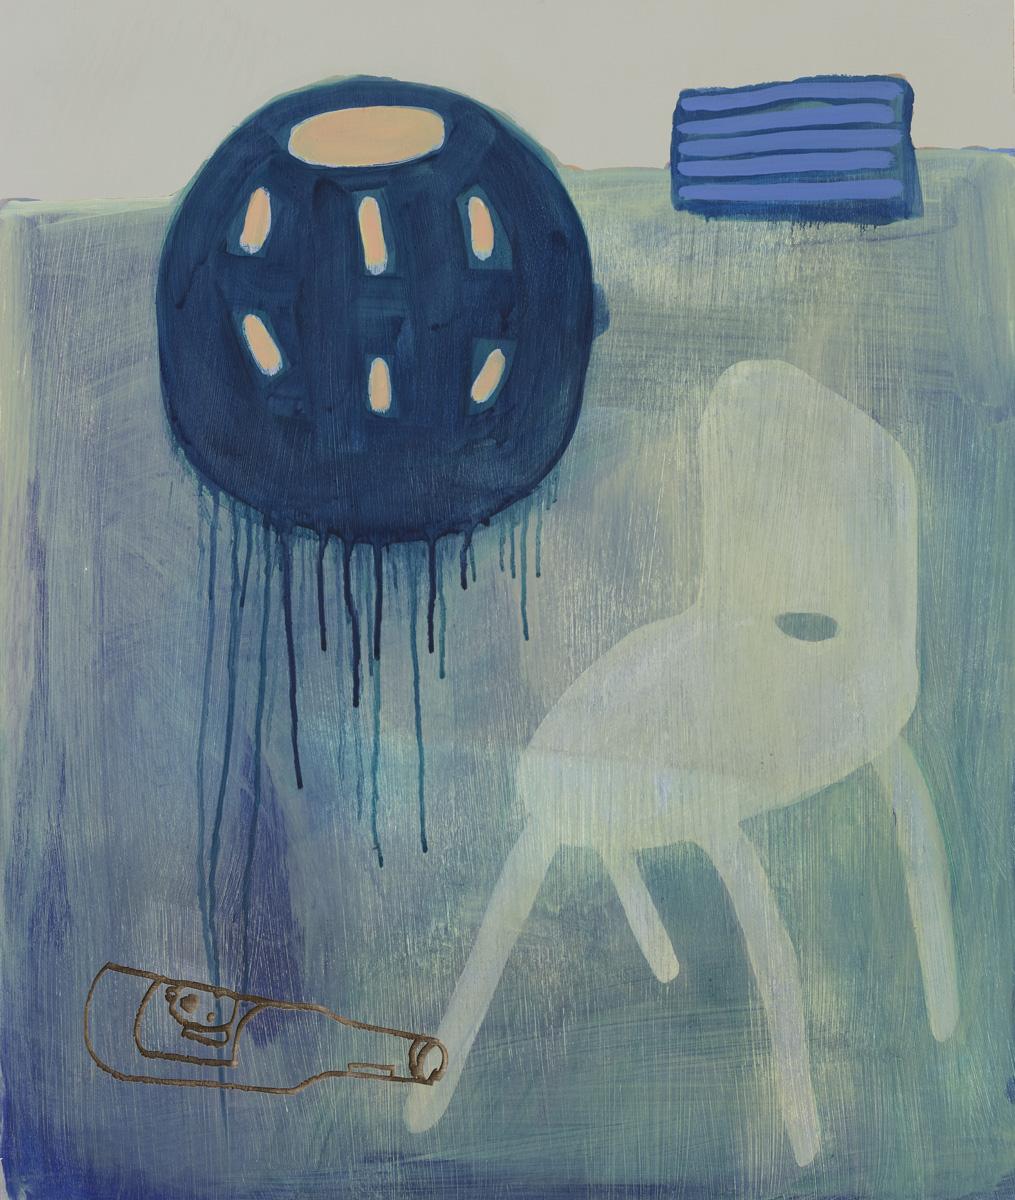 Ninasagt – David Iain Brown, lonely-chair-and-wasabi-ball